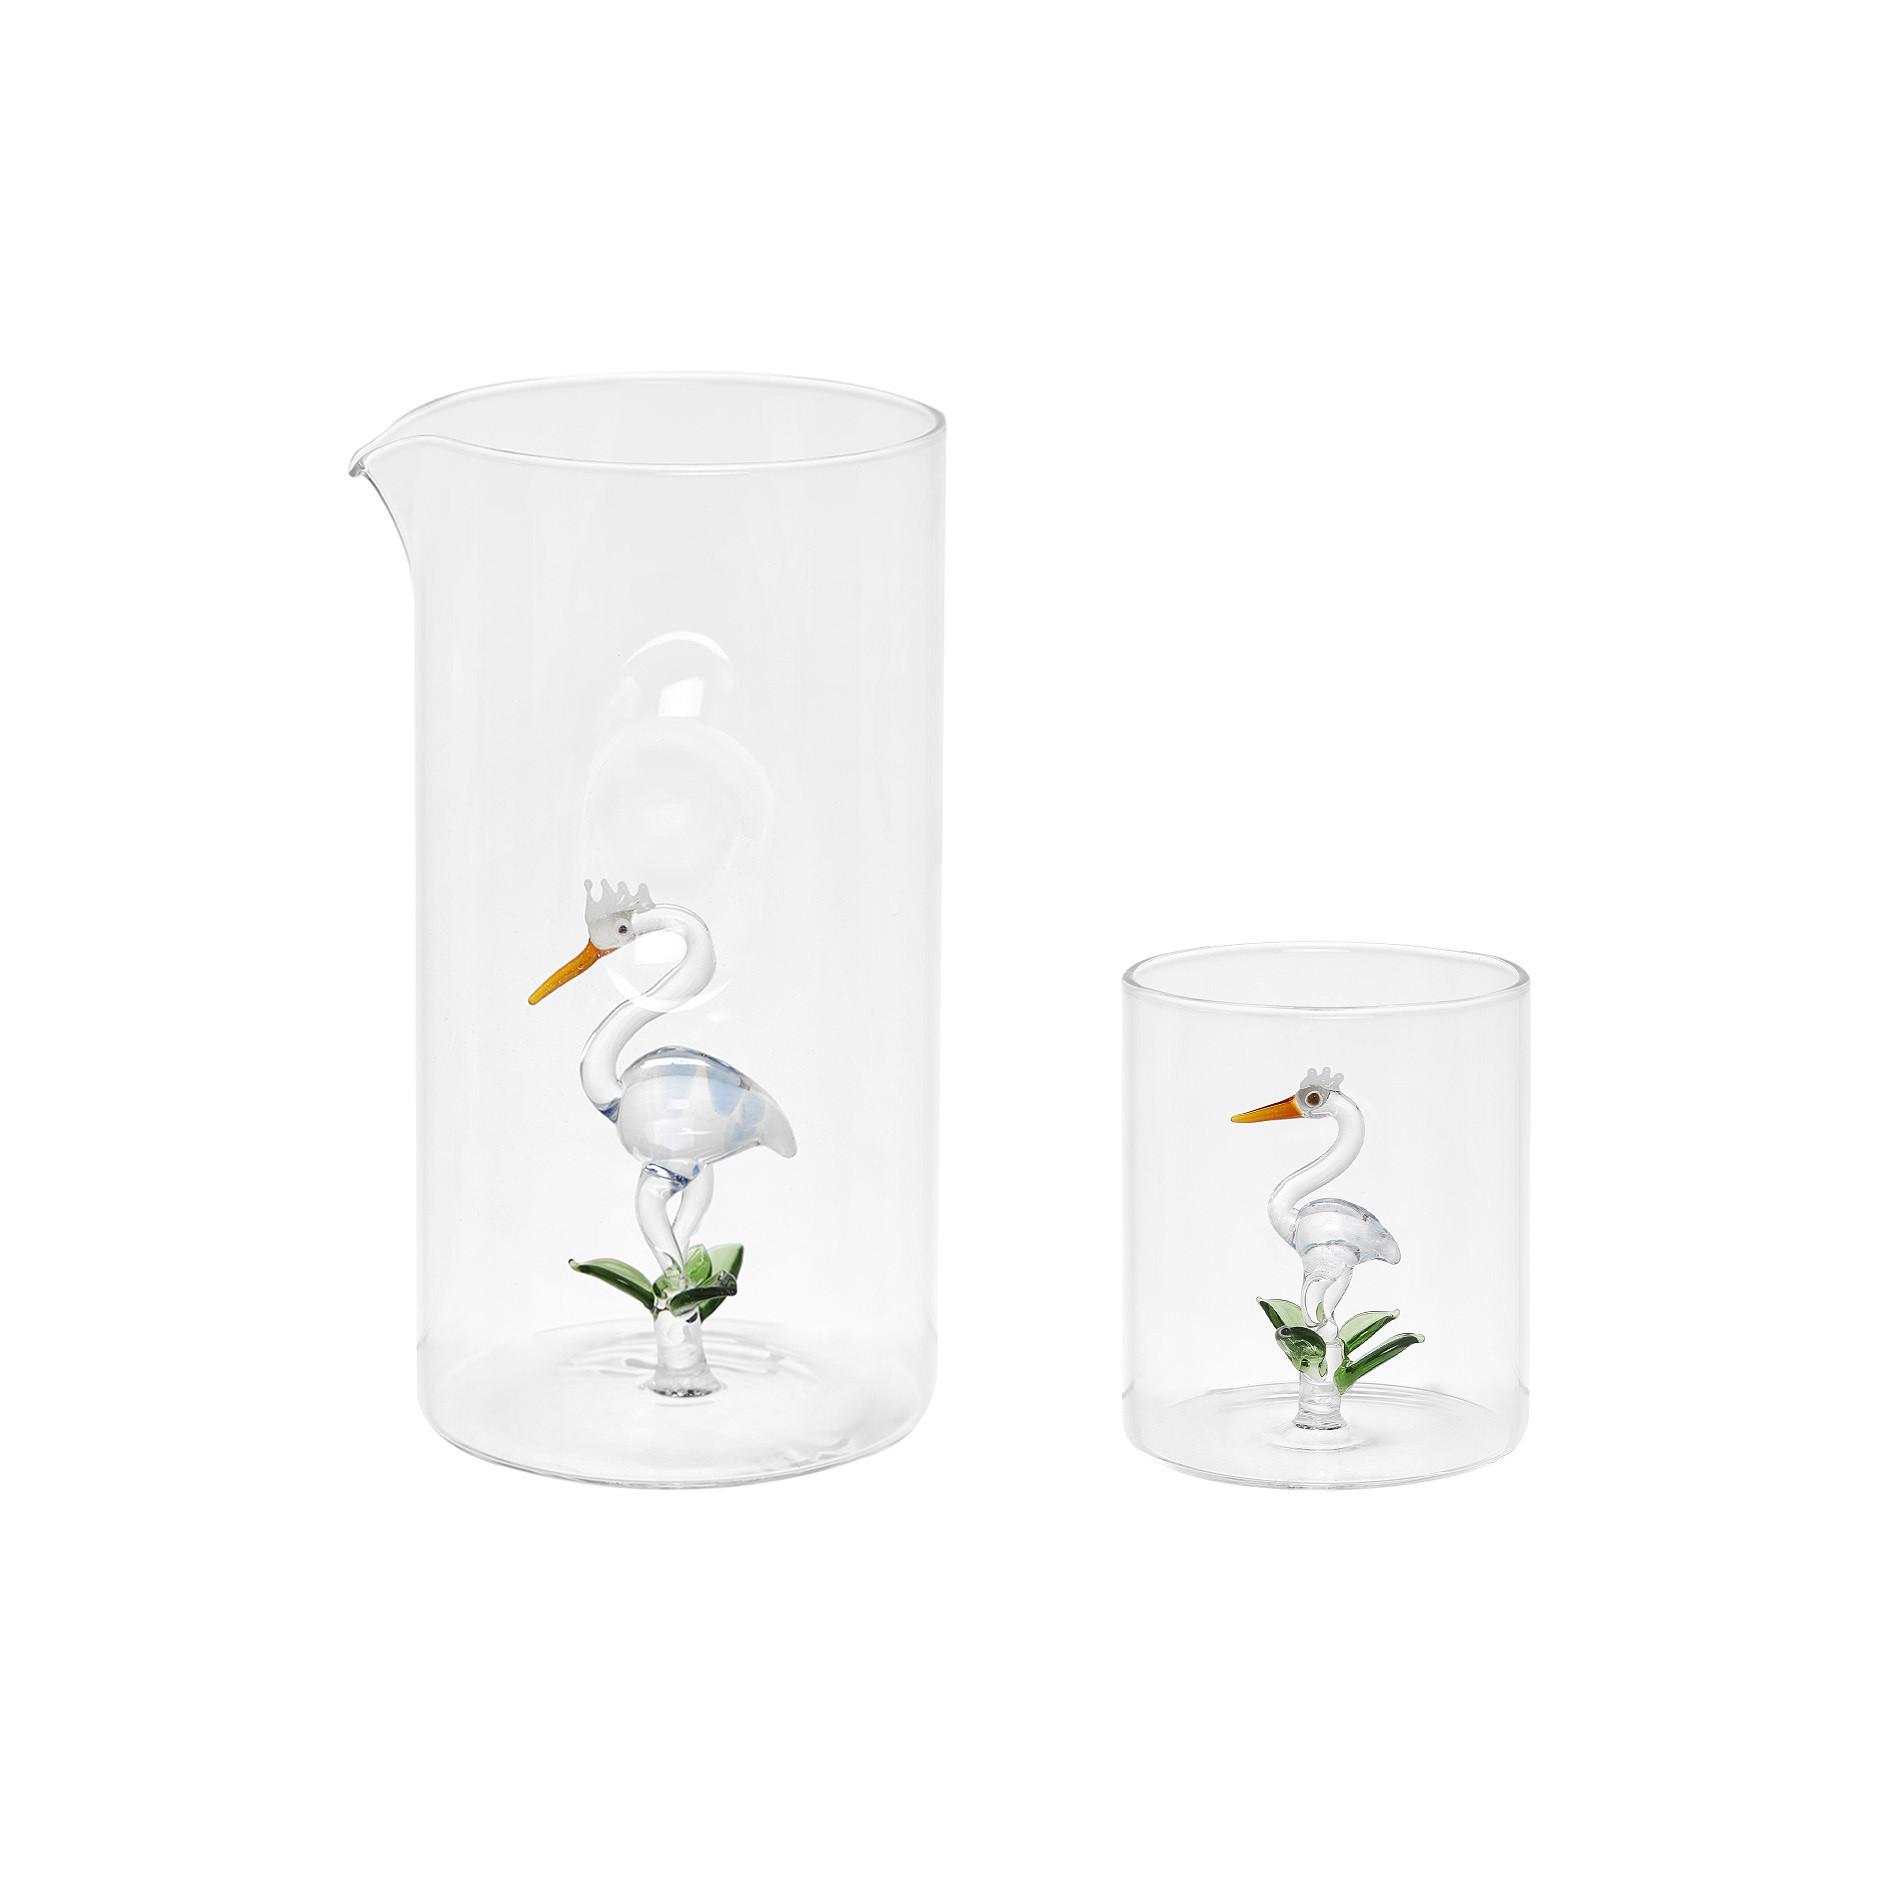 Bicchiere vetro dettaglio airone, Trasparente, large image number 2